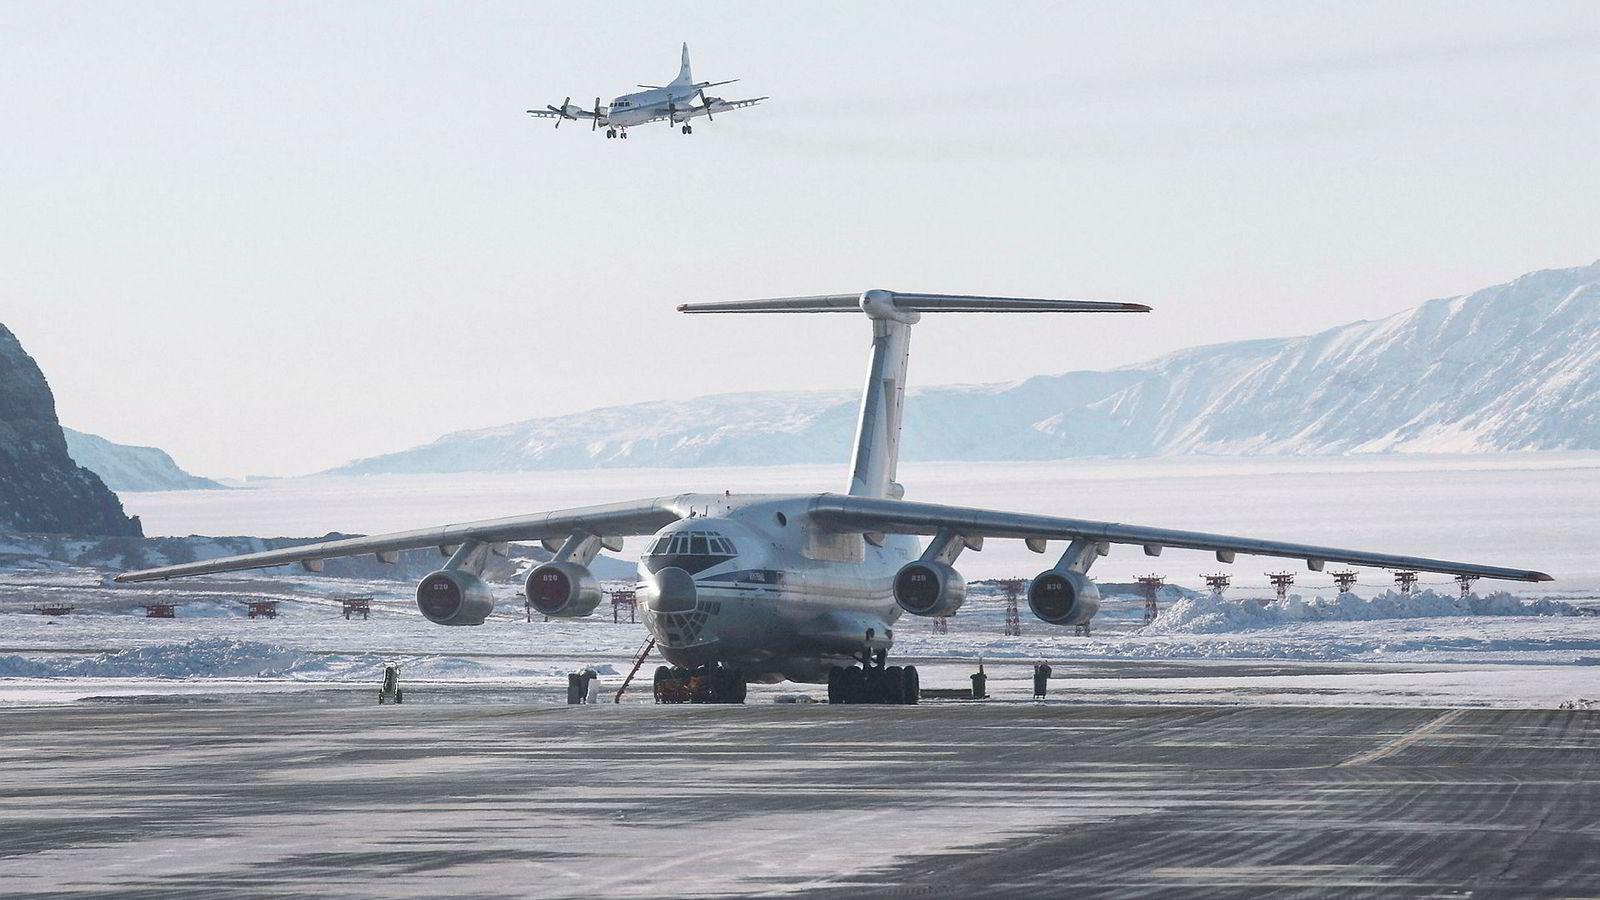 Danmark vurderer å utplassere jagerfly på Grønland. Bildet viser flybasen Thule på Grønland.